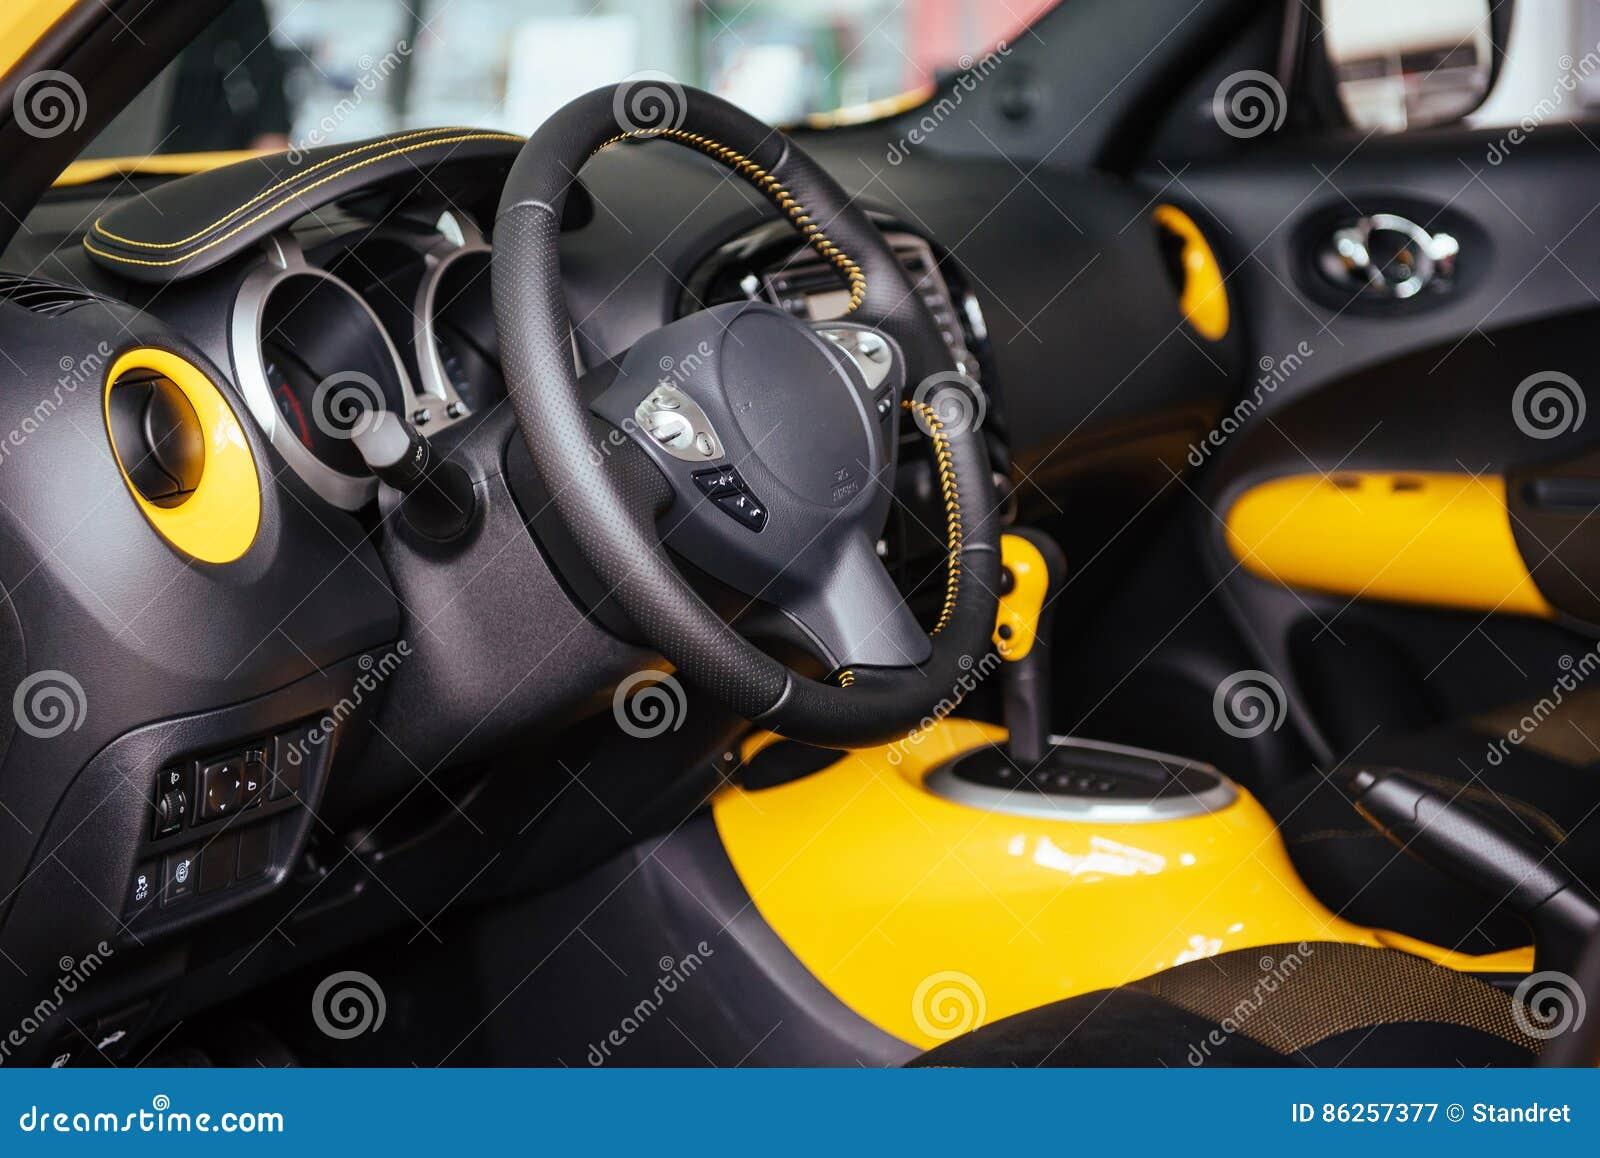 Entfernungsmesser Für Auto : Innenarmaturenbrett des modernen autos und lenkrad stockbild